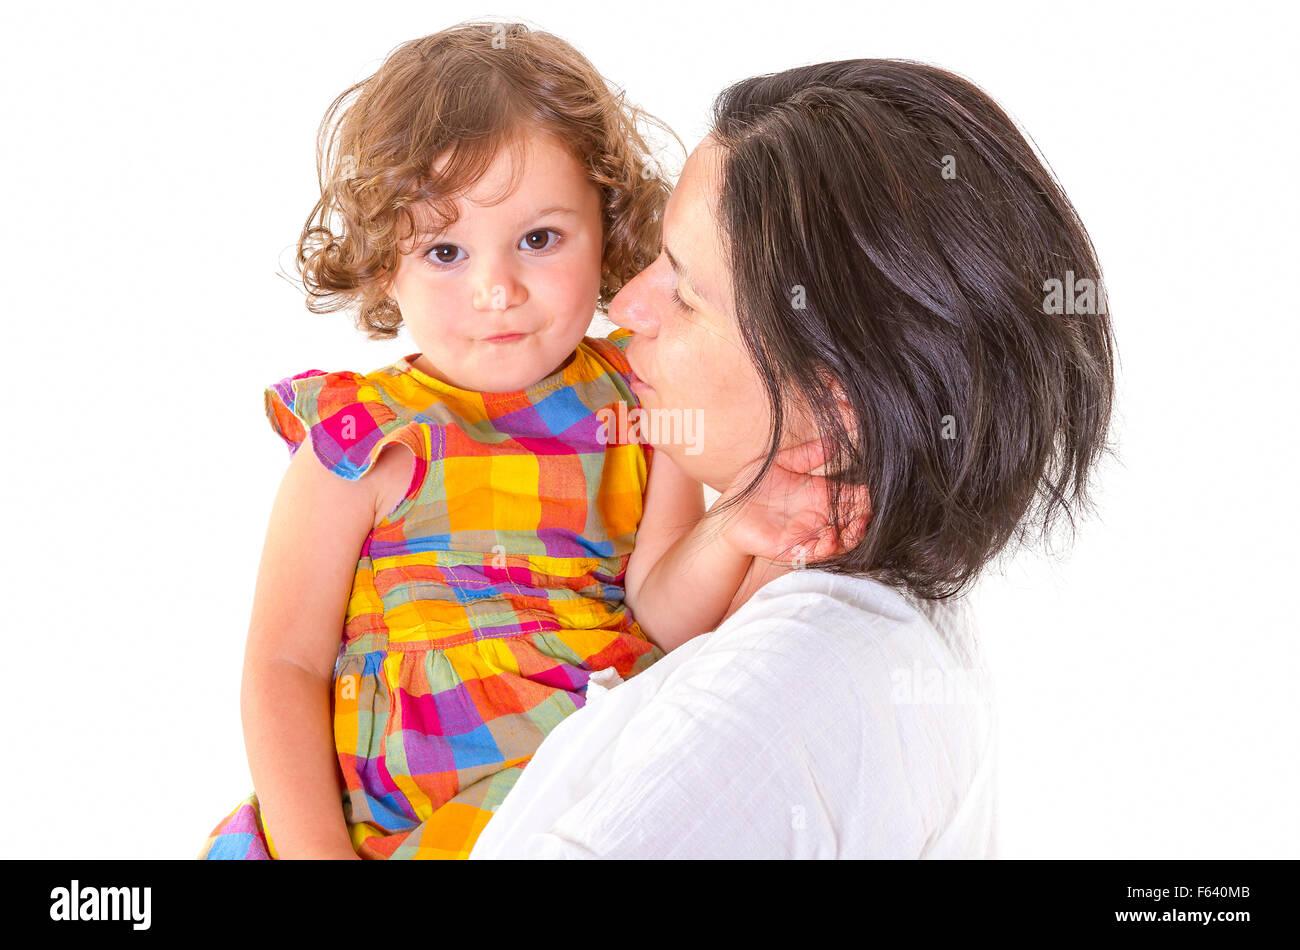 Mutter lehrt Disziplin ihrer kleinen Tochter auf weißem Hintergrund Stockbild